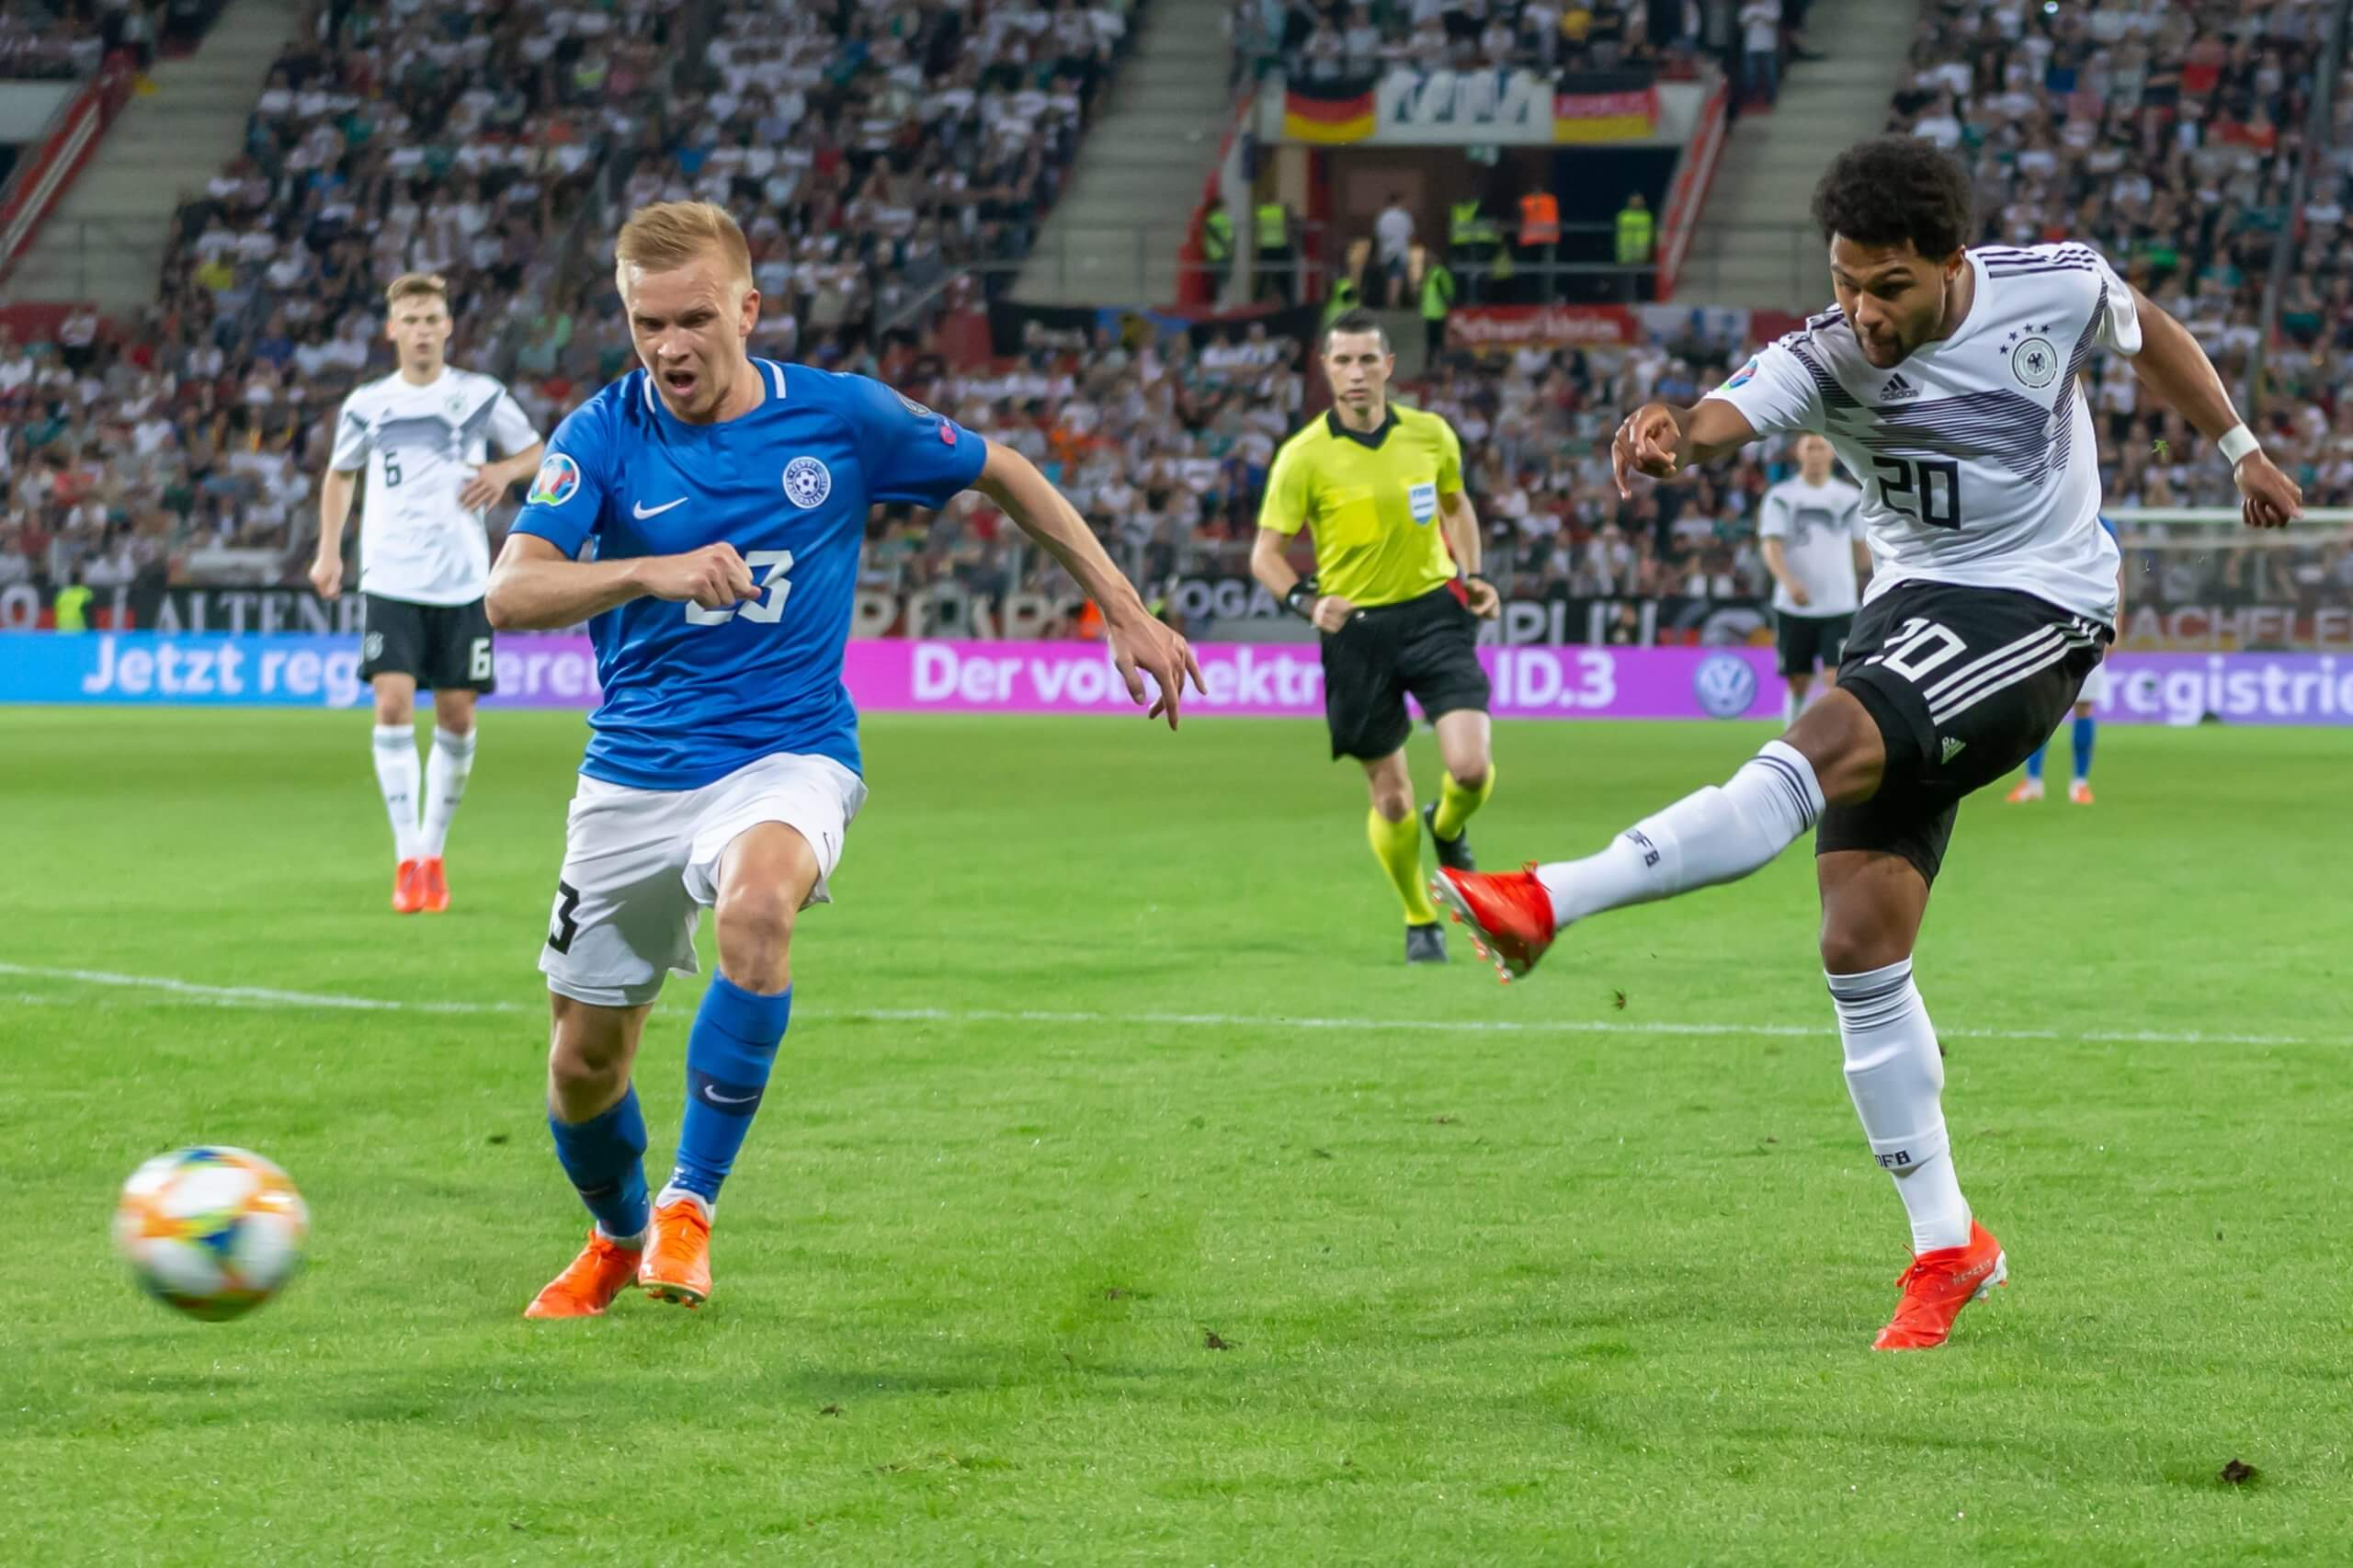 fussballmannerlanderspieldeutschlandestlandstplrbysteprominscaled